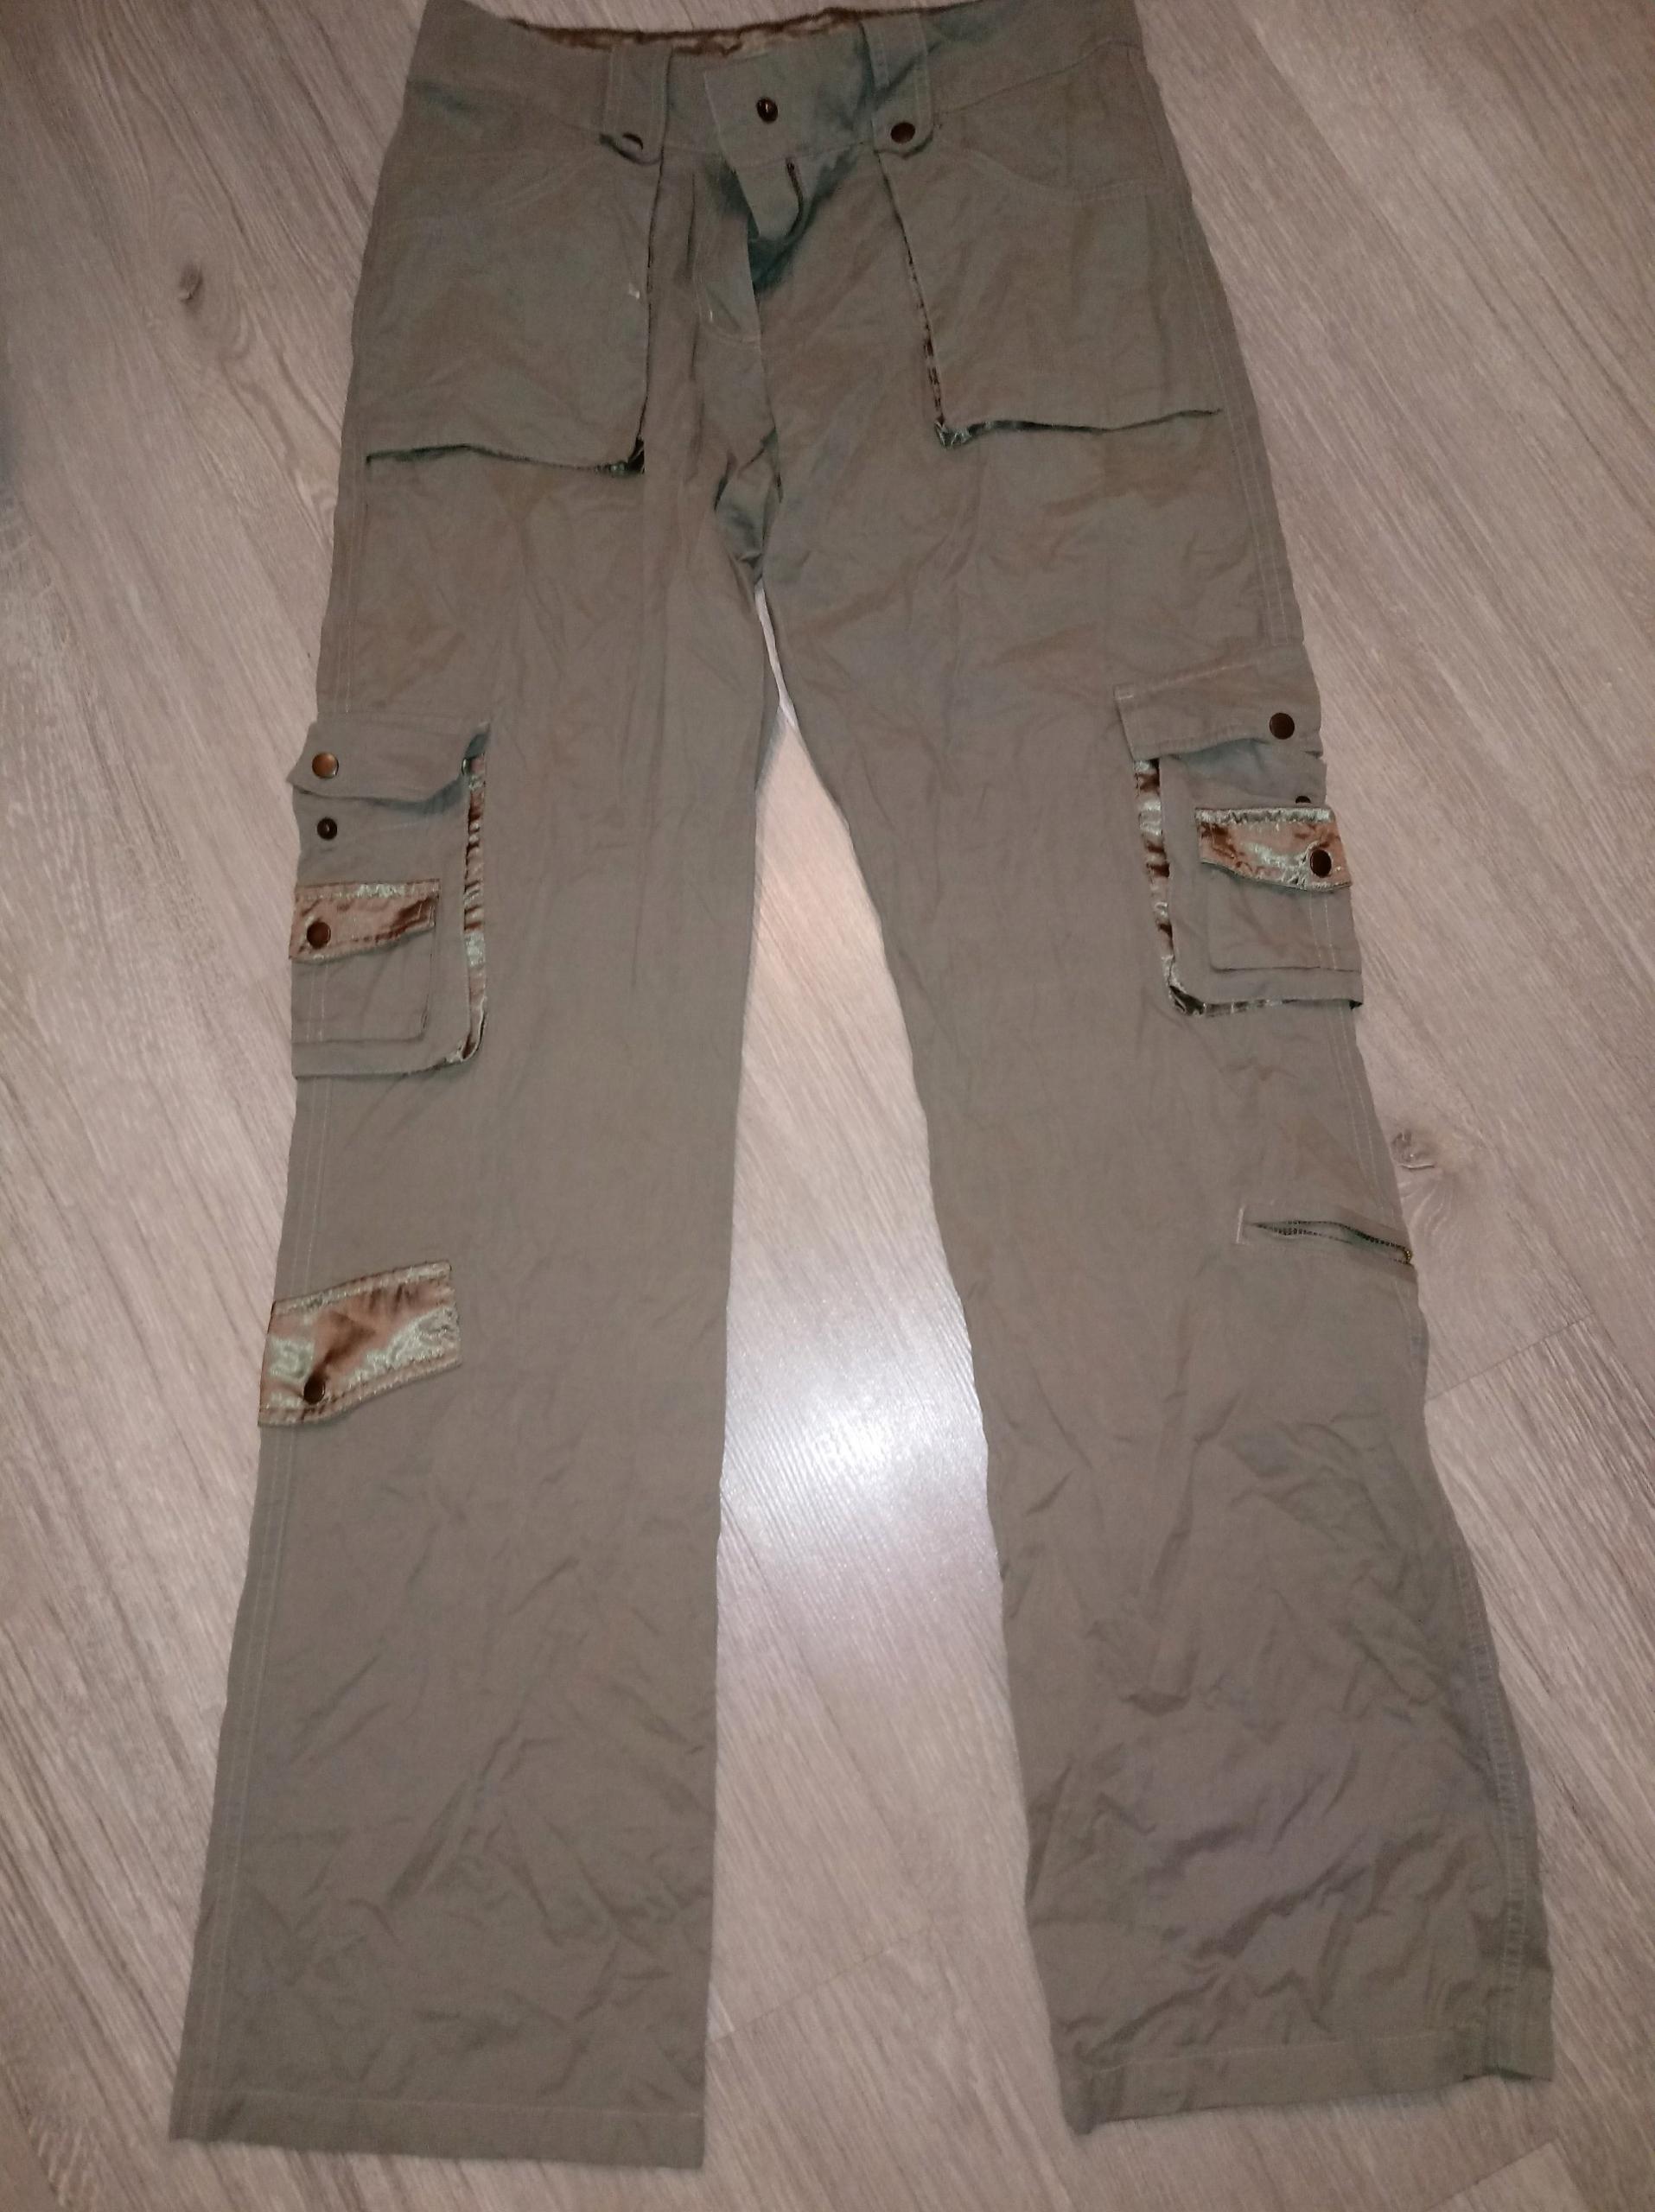 3d68ecac29c7 Spodnie beżowe bojówki r.M OKAZJA - 7680095223 - oficjalne archiwum ...